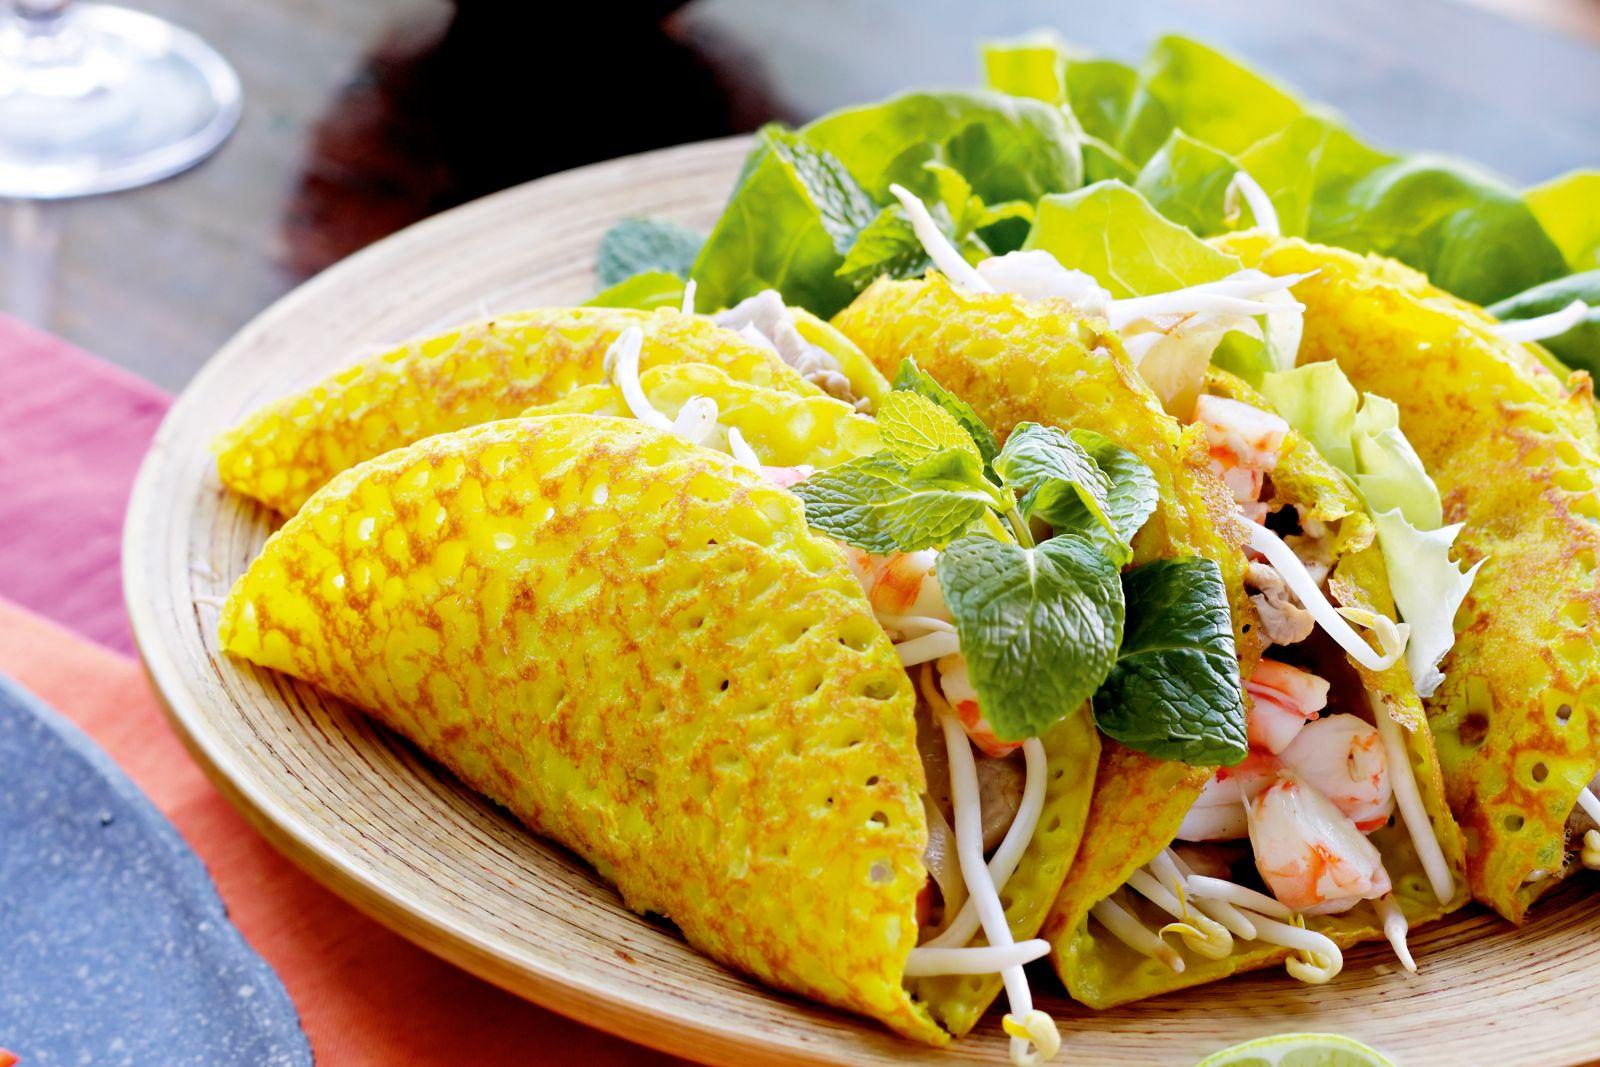 Du lịch Đà Nẵng ghé thăm quán bánh xèo trong hẻm nức tiếng Đà thành